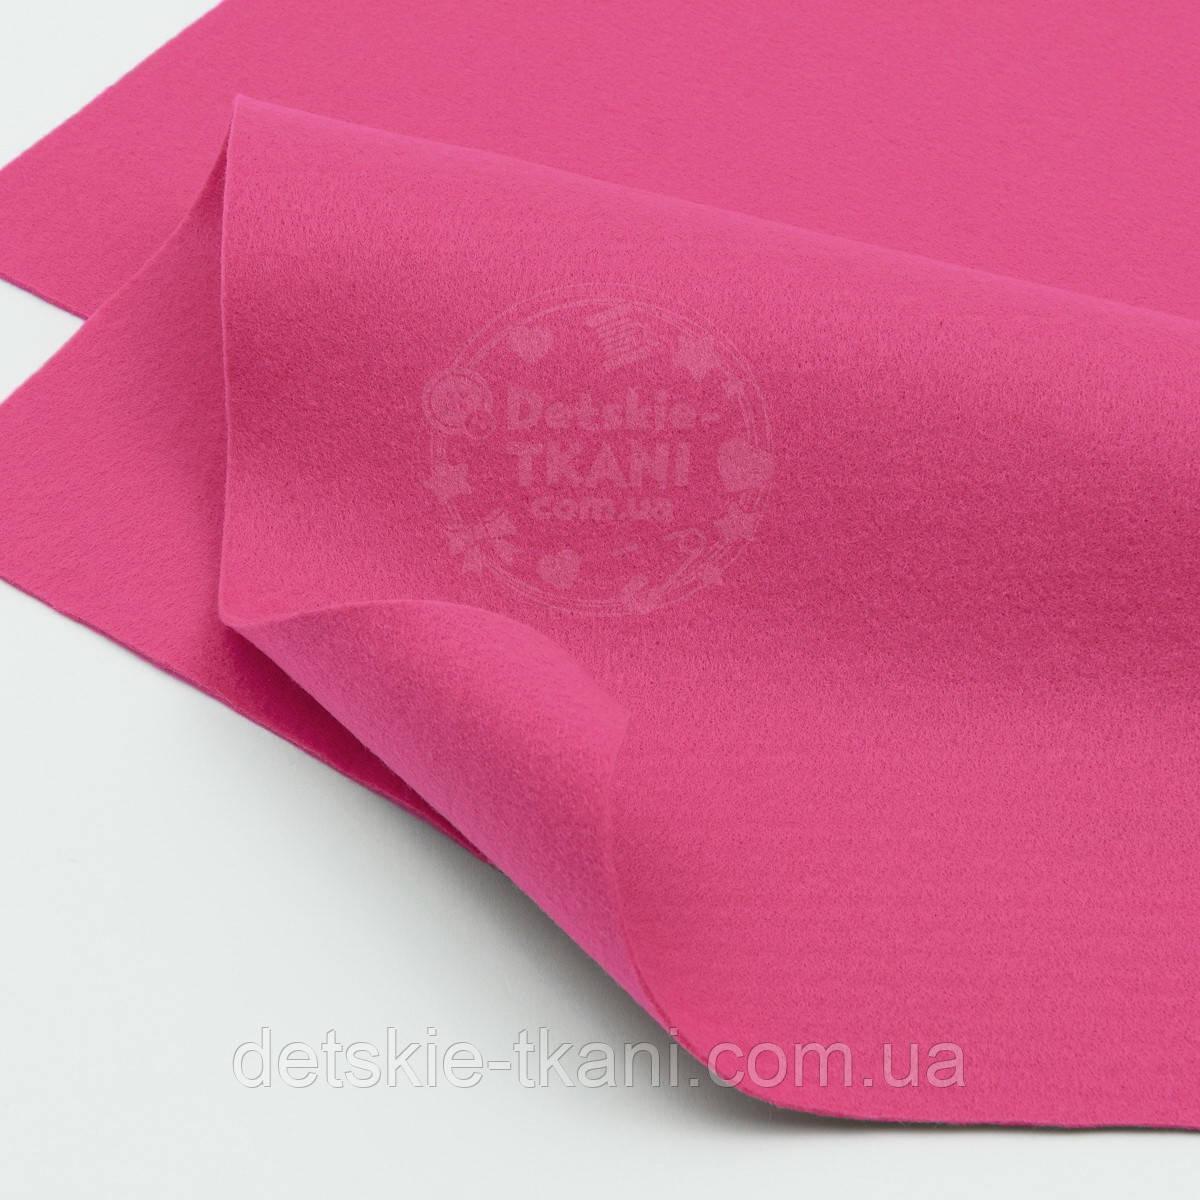 М'який фетр листовий темно-рожевого кольору 20*30 см (ФМ-11)